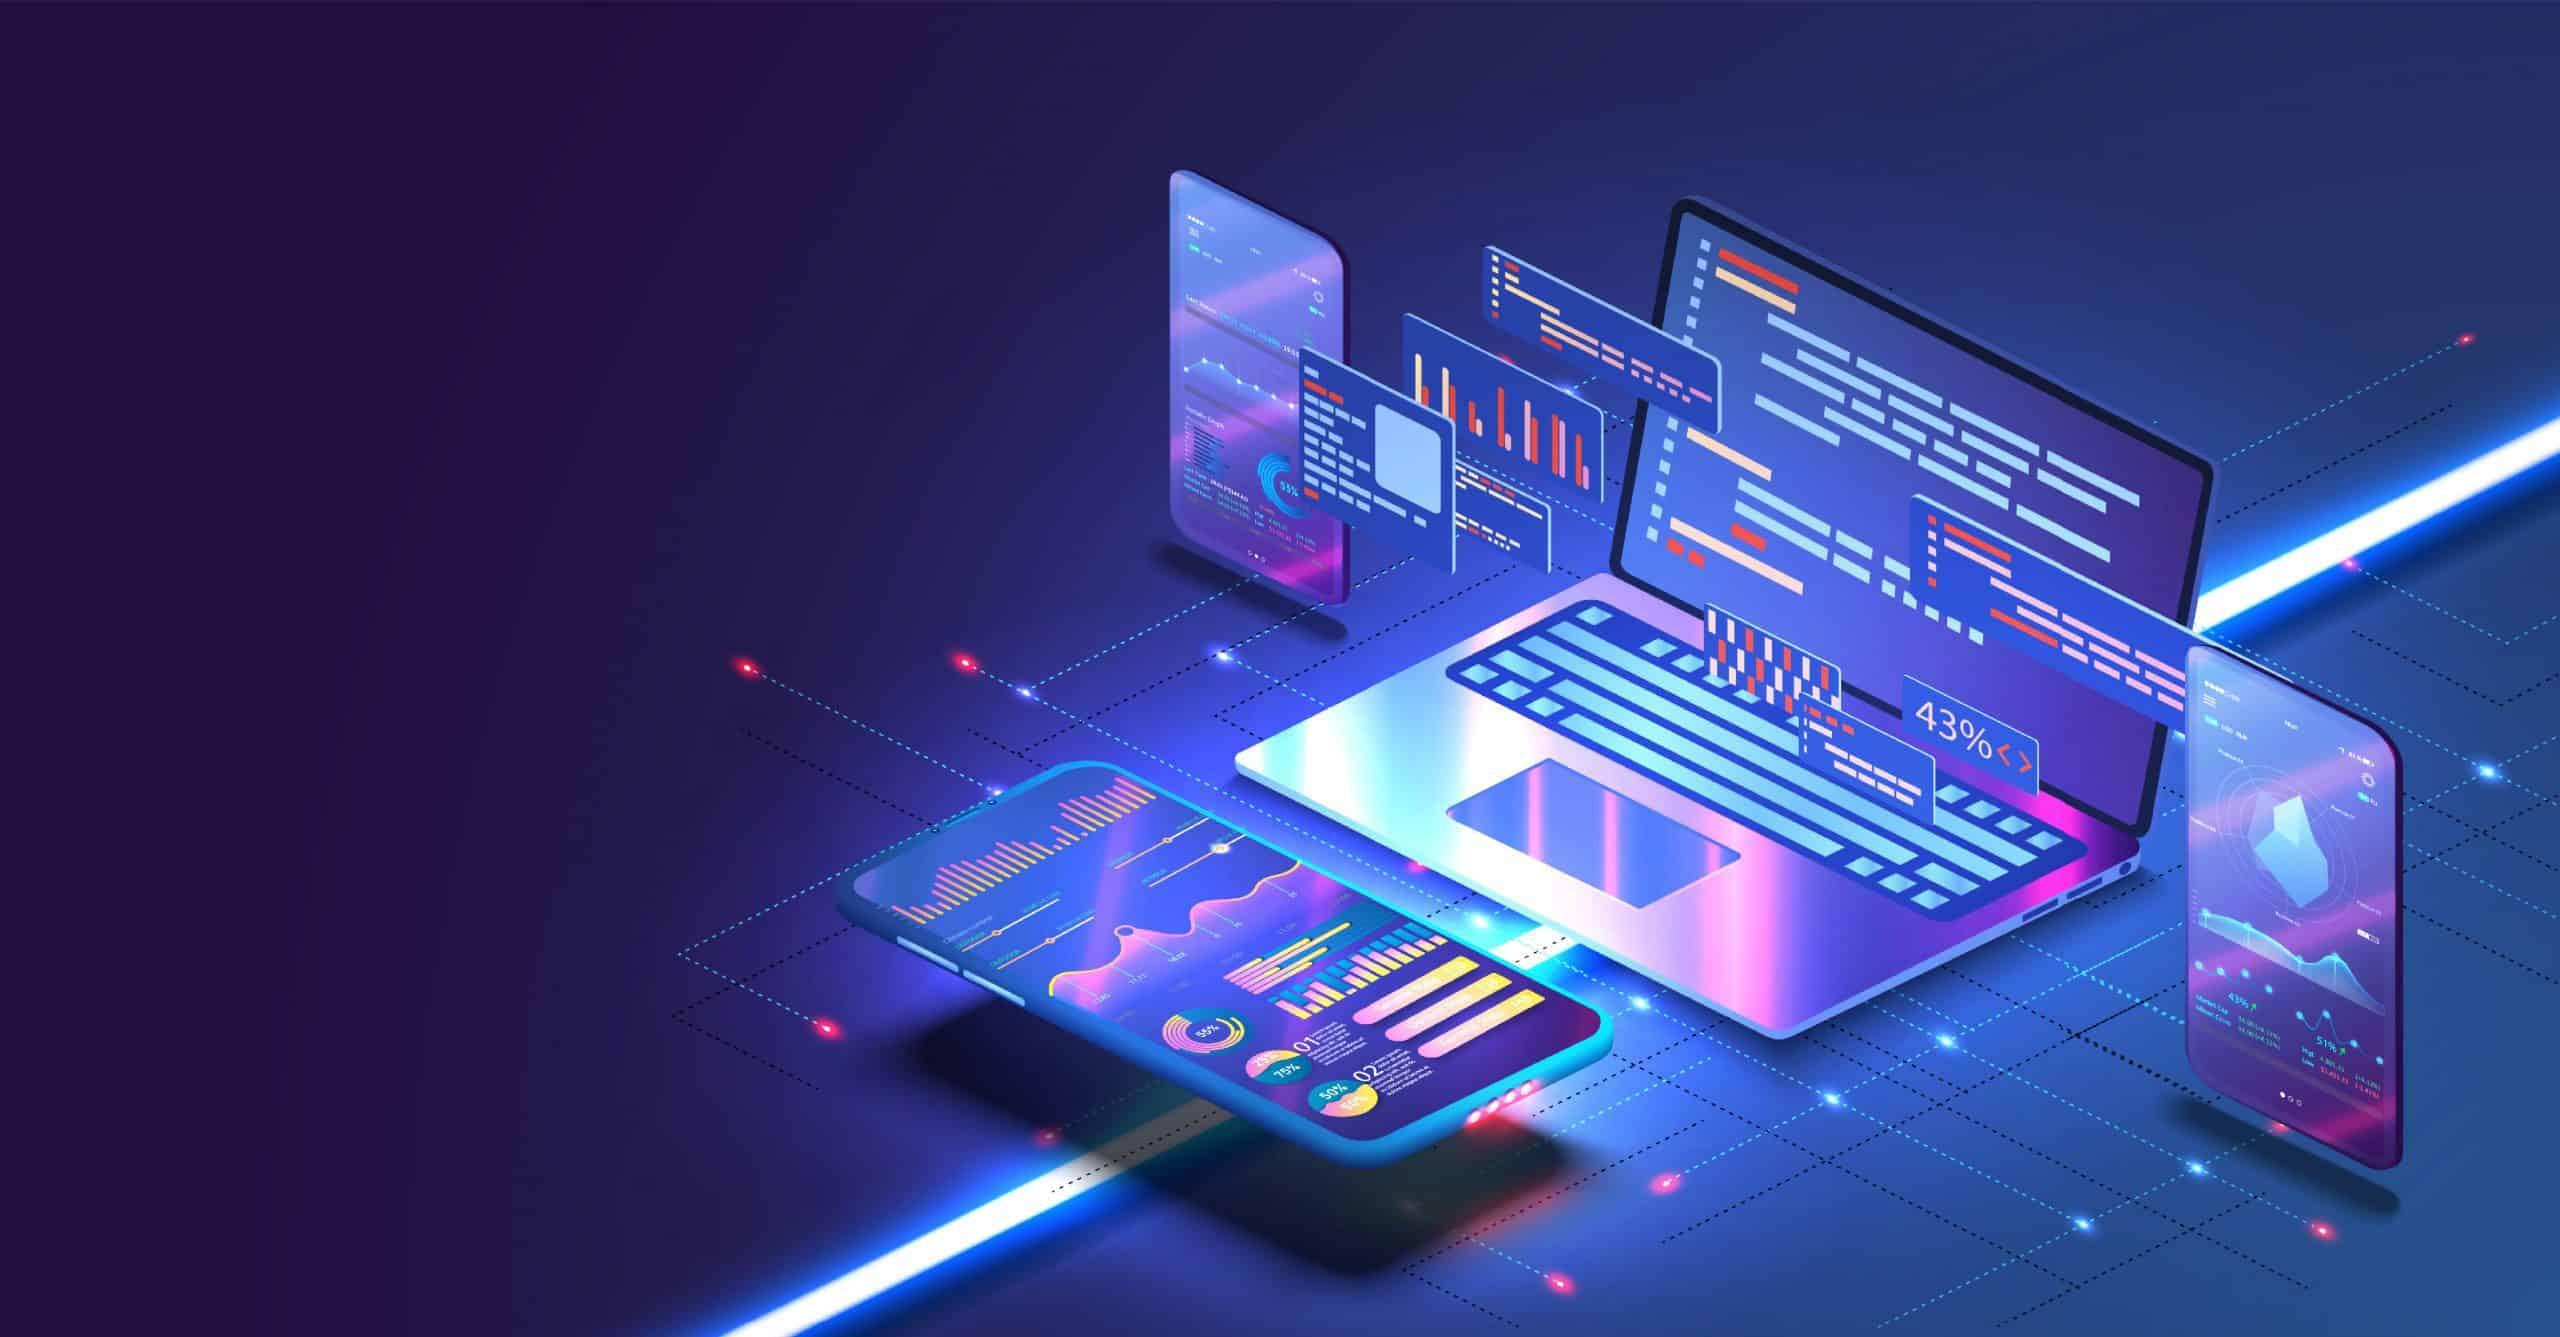 Custom App Development As A Career: Is It Worth It?